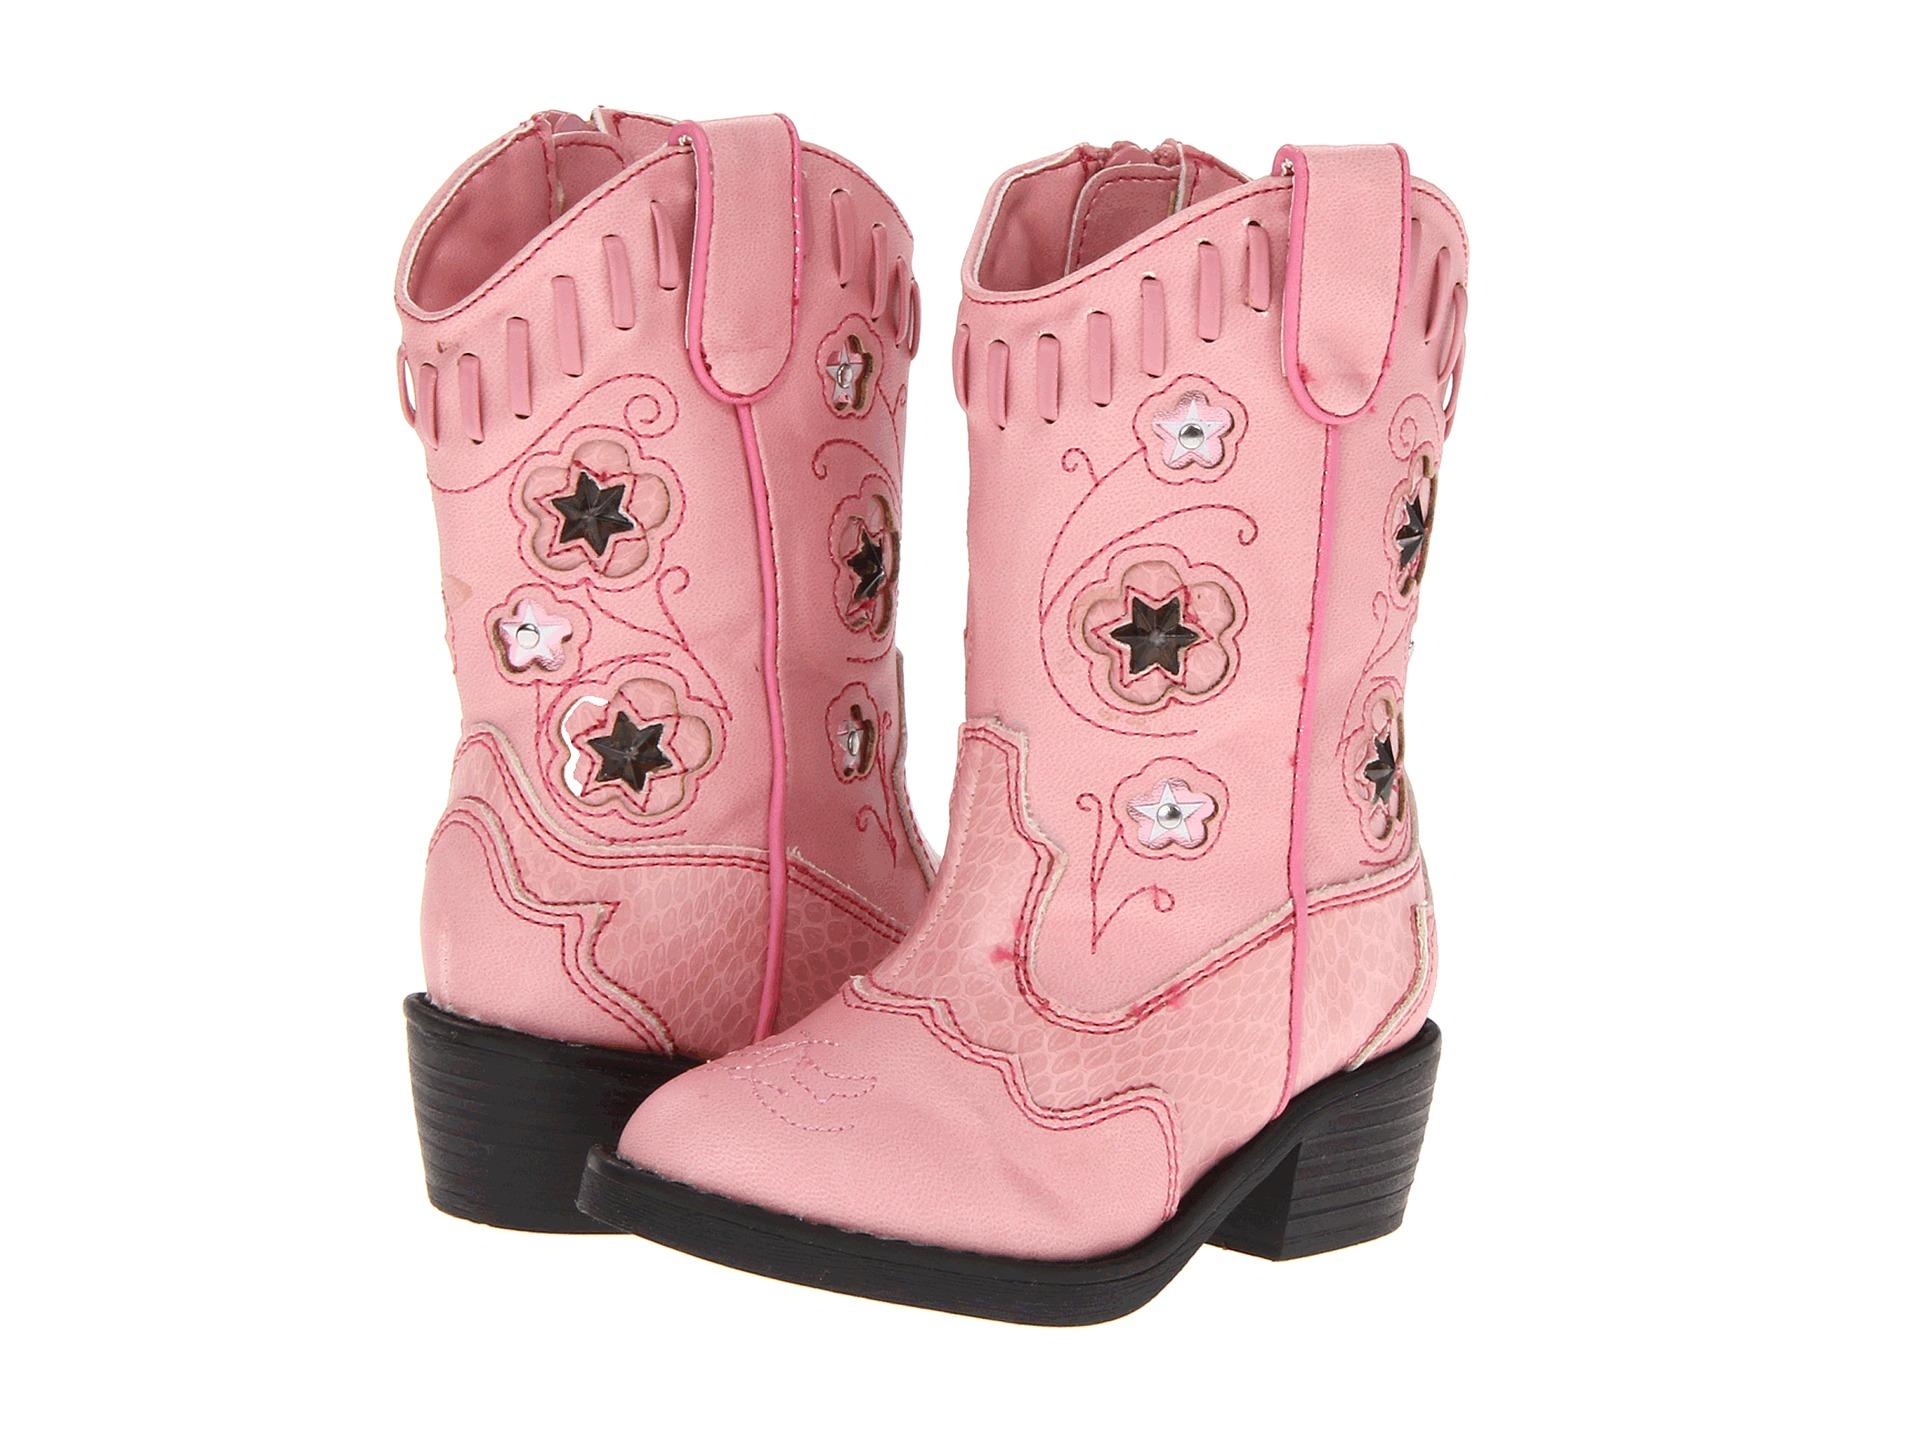 roper western lights cowboy boots toddler pink pink